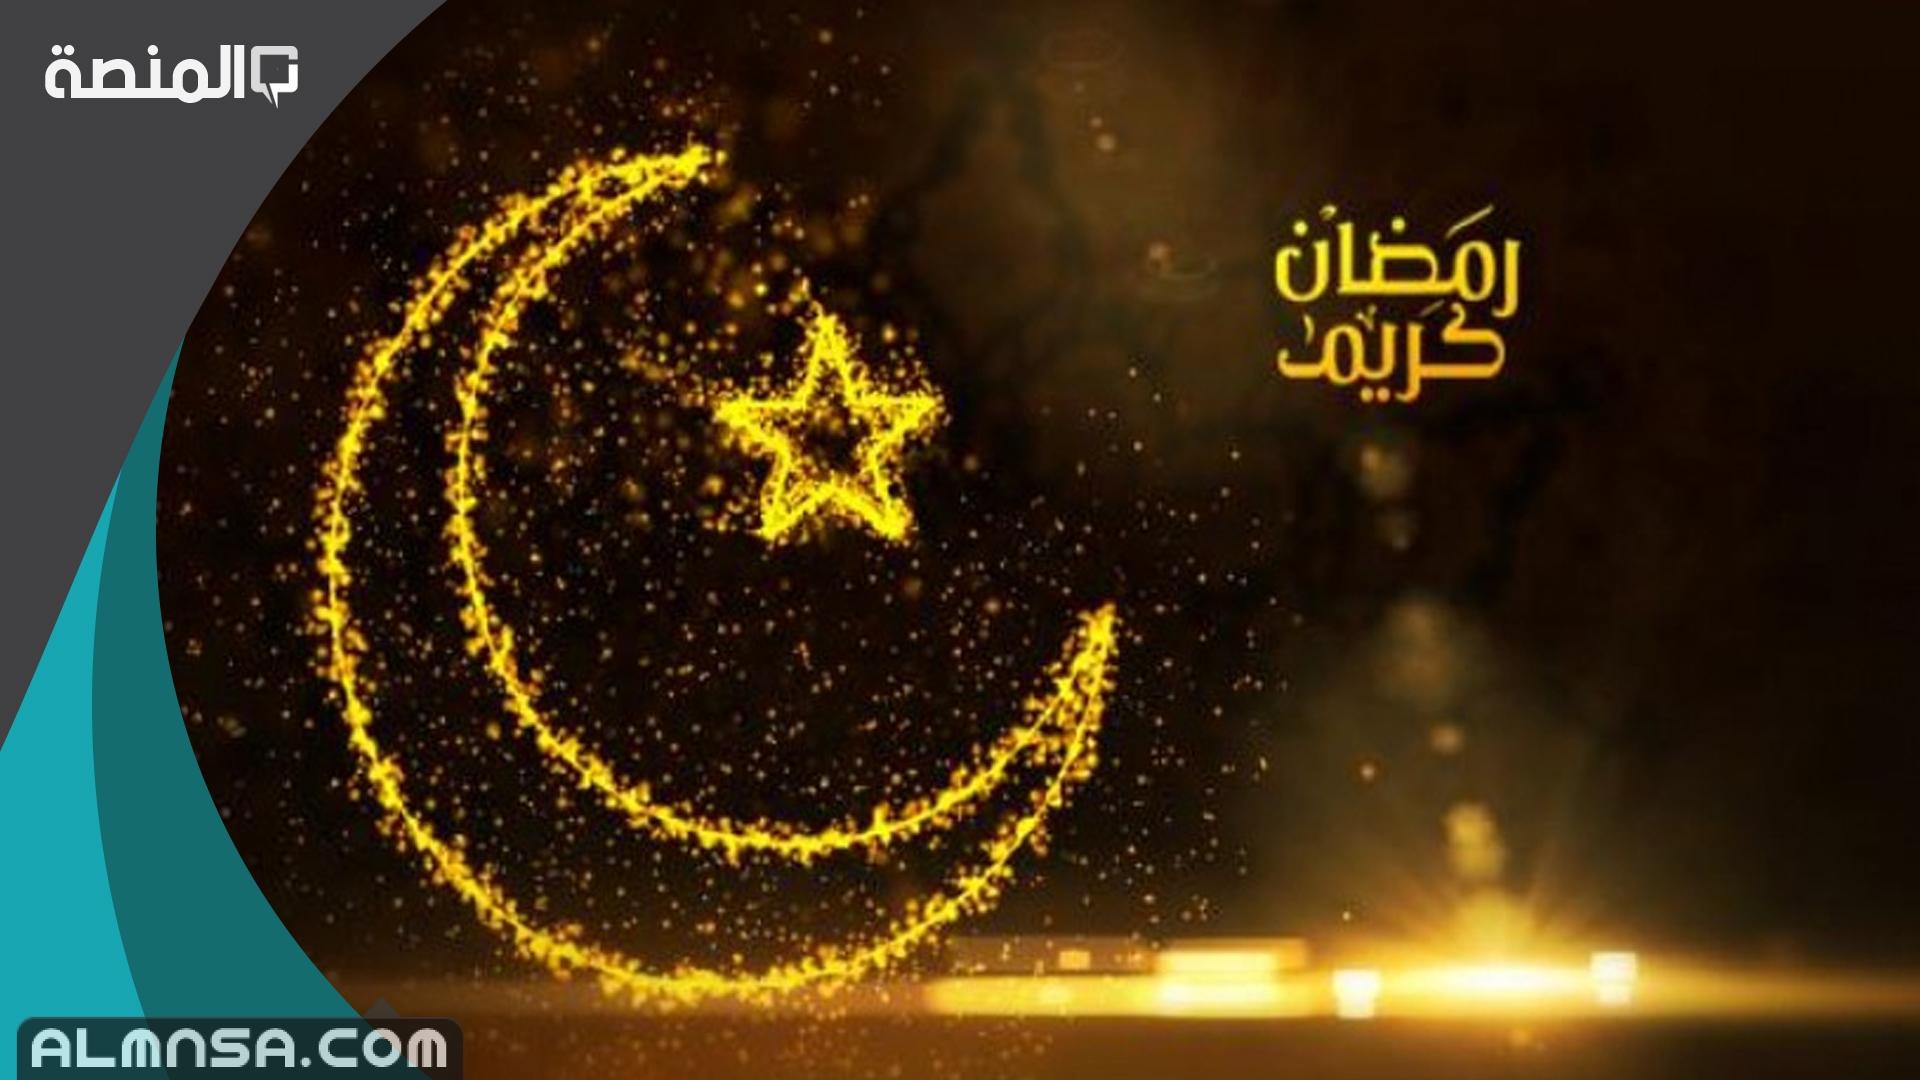 امساكية رمضان 2021 فلسطين المنصة